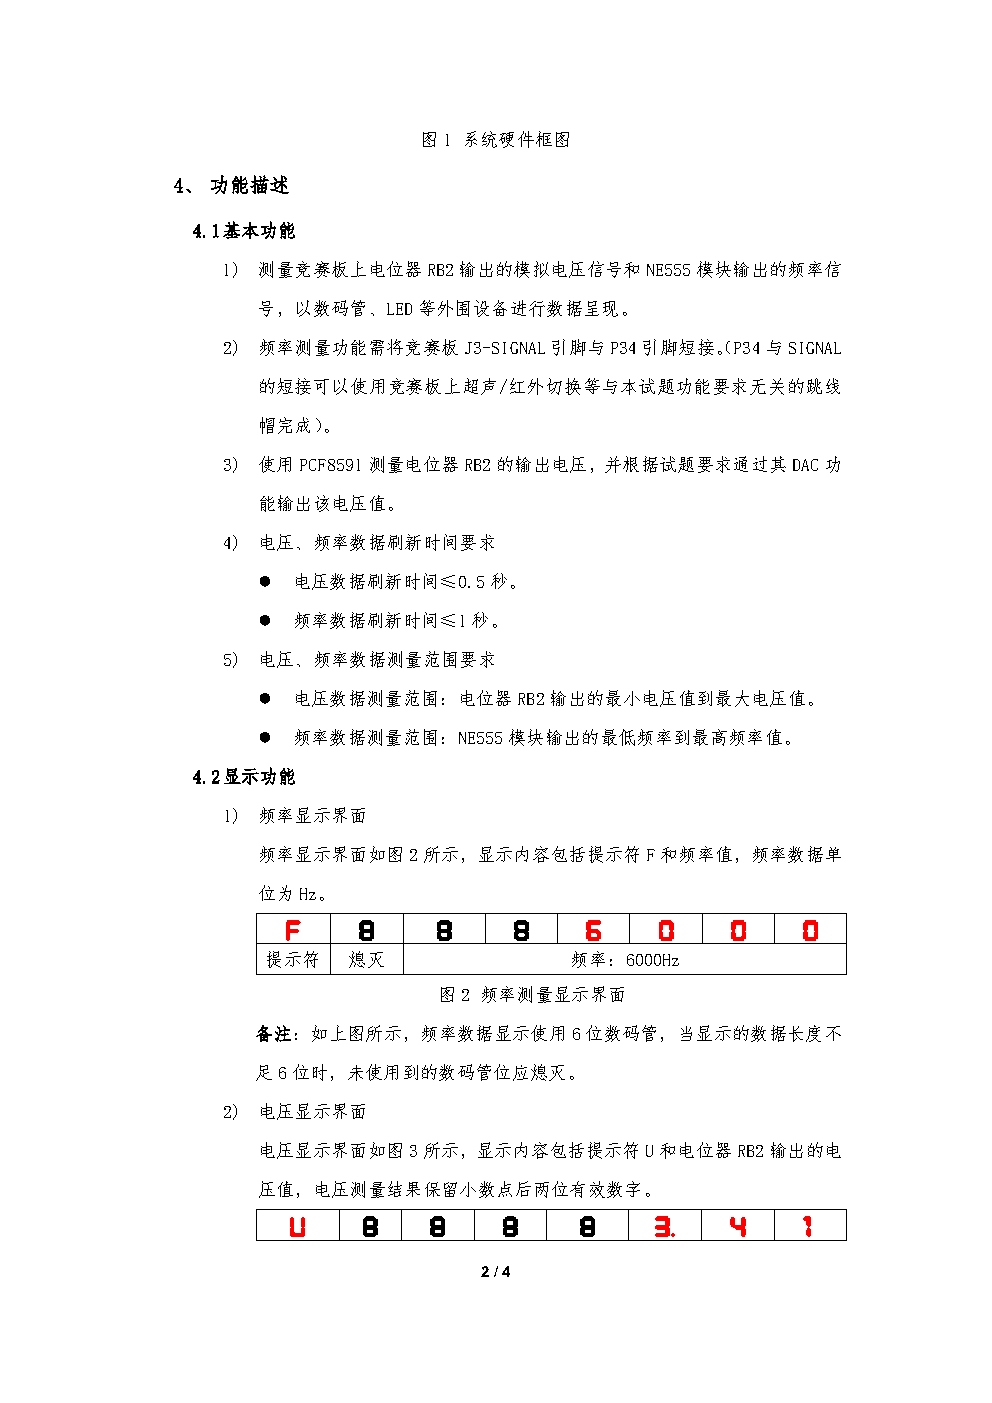 这是程序设计题第二页